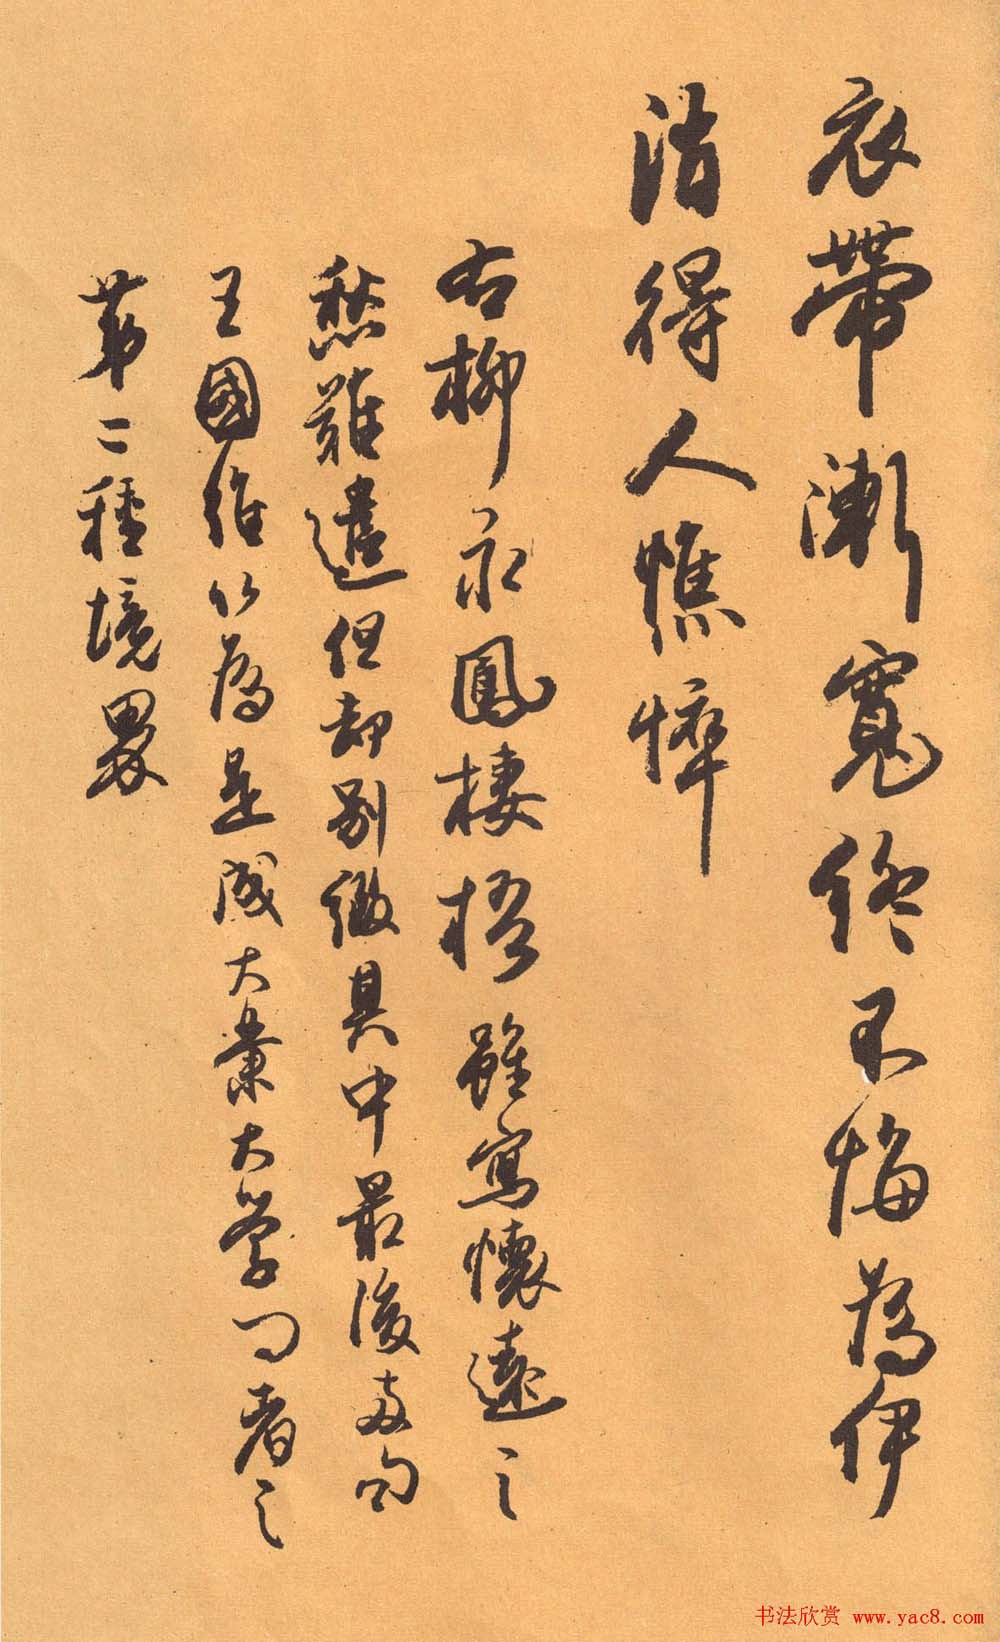 2014年05月12日 - 胡迹 - 拙愚斋主人的博客